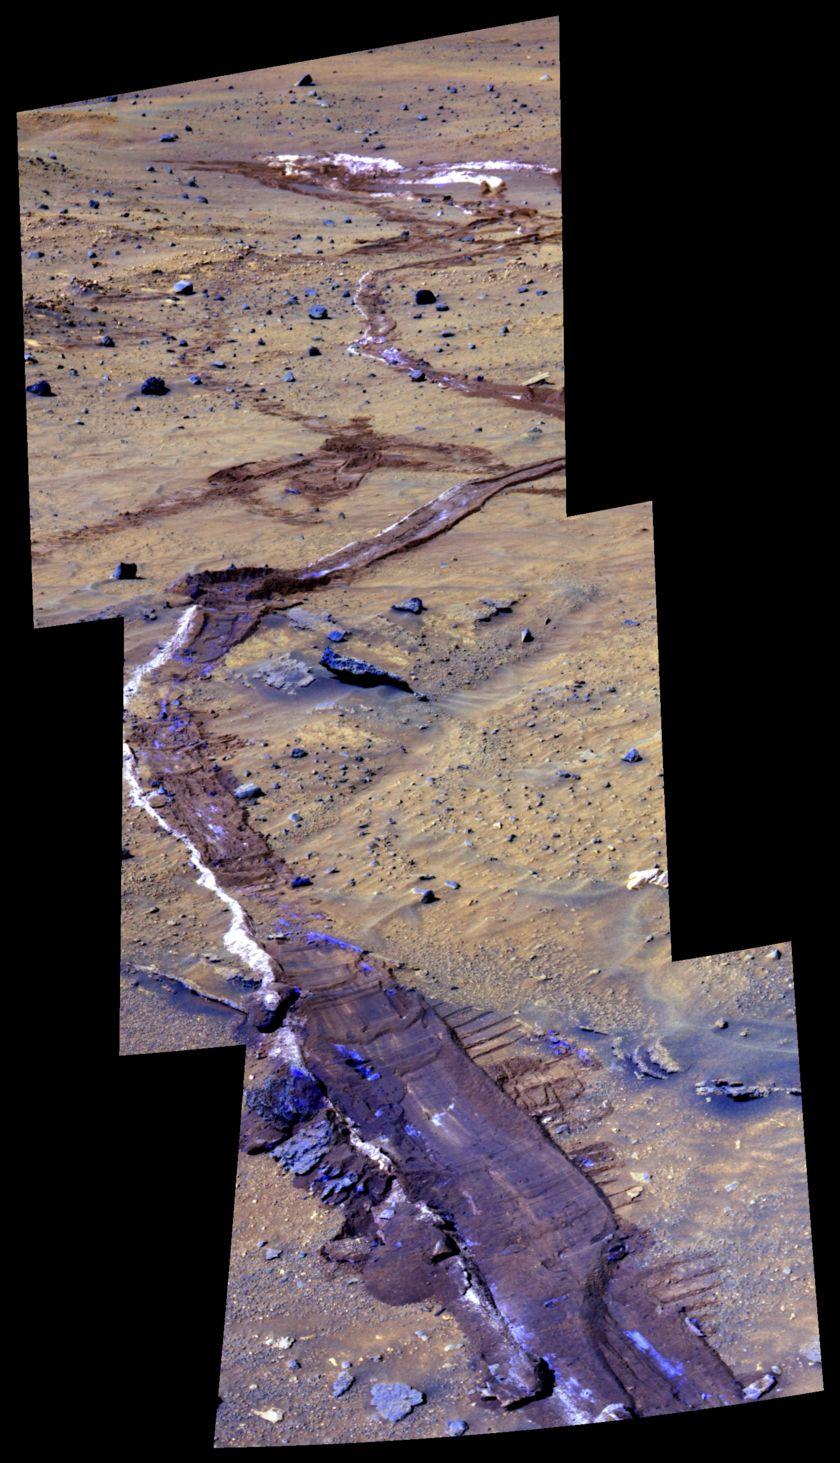 Silica Soils Near Home Plate, Spirit Sol 935